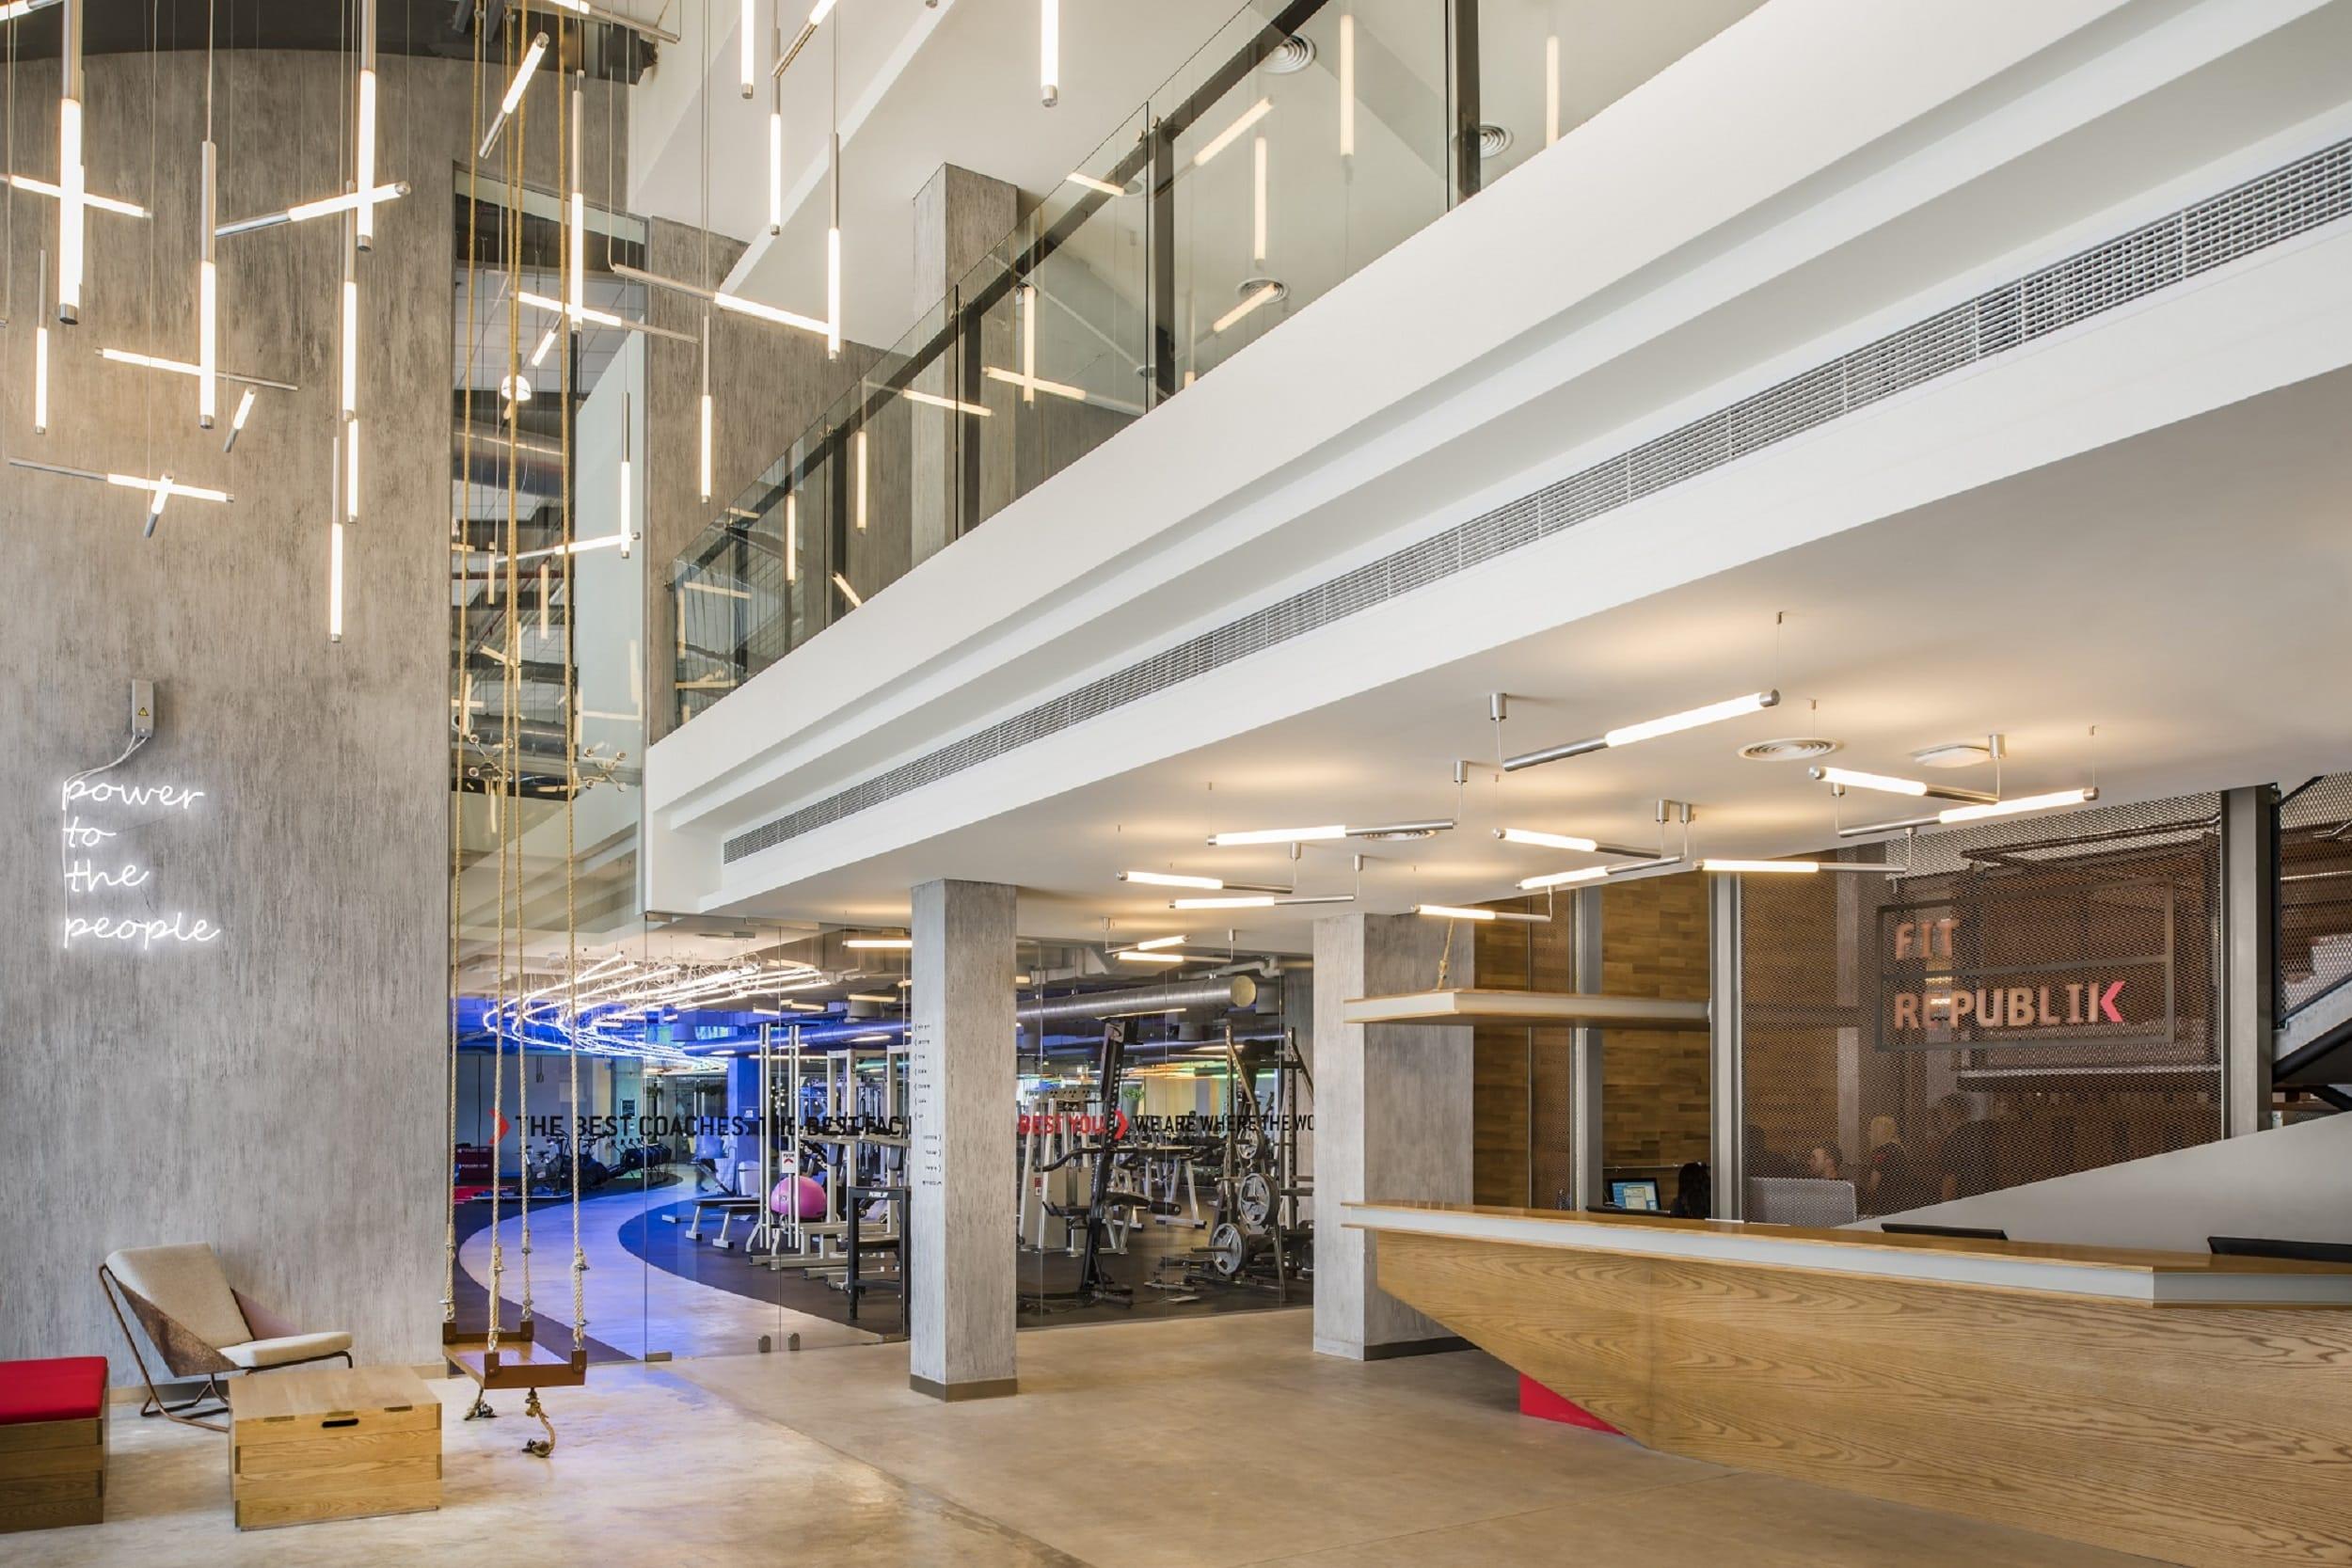 Aedas Aedas Interiors Designed Fit Republik In Dubai Opens Its Doors Divisare